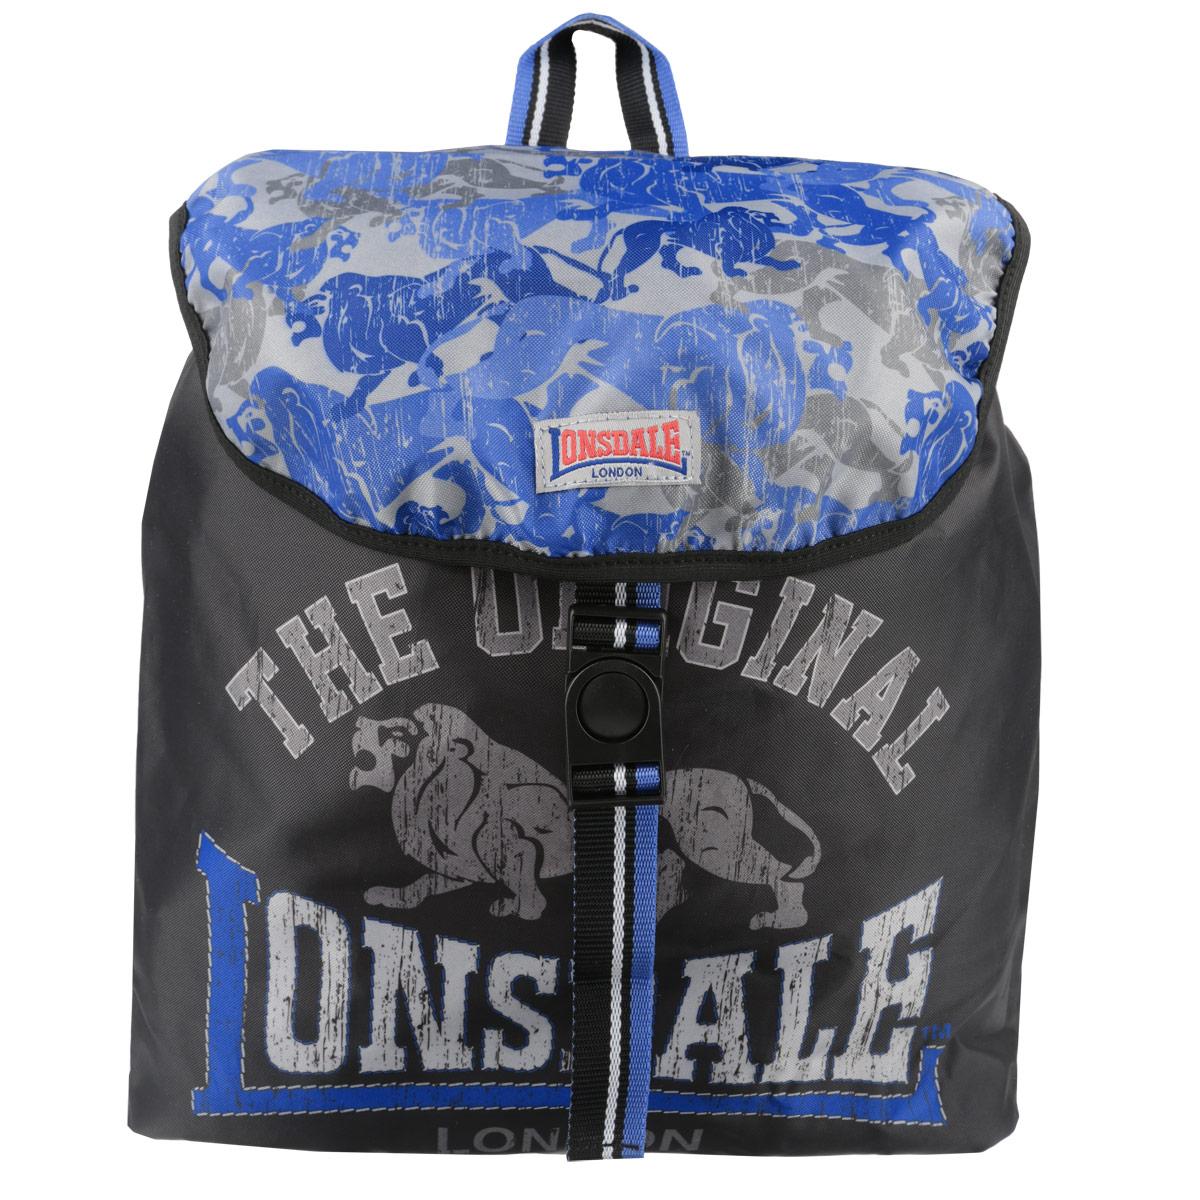 Рюкзак молодежный Lonsdale, цвет: черный, серый, голубой. LSCB-UT1-844BP-001 BKМолодежный рюкзак Lonsdale сочетает в себе современный дизайн и долговечность. Выполнен из прочных и высококачественных материалов с изображением льва.Содержит рюкзак одно вместительное отделение, которое затягивается шнурком с пластиковым фиксатором и сверху закрывается клапаном на защелке. Широкие лямки отлично регулируются по длине. Изделие оснащено текстильной ручкой для переноски в руке. Этот рюкзак можно использовать для повседневных прогулок, отдыха и спорта, а также как элемент вашего имиджа.Рекомендуемый возраст: от 15 лет.